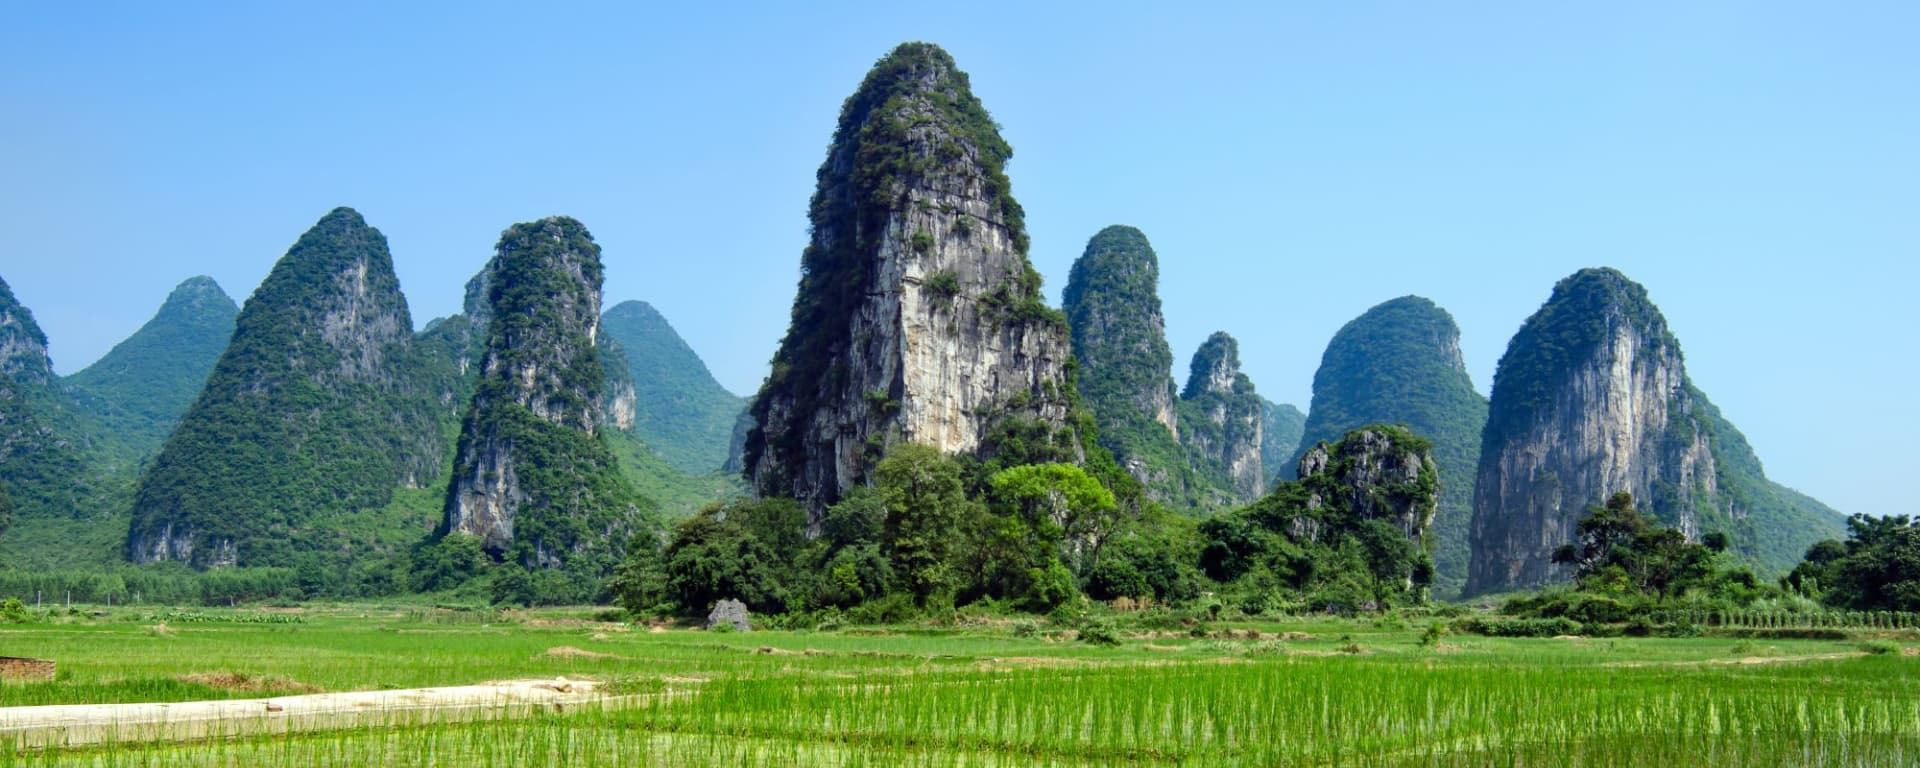 China für Geniesser mit Luxus-Kreuzfahrt auf dem Yangtze ab Peking: Yangshuo stunning countryside